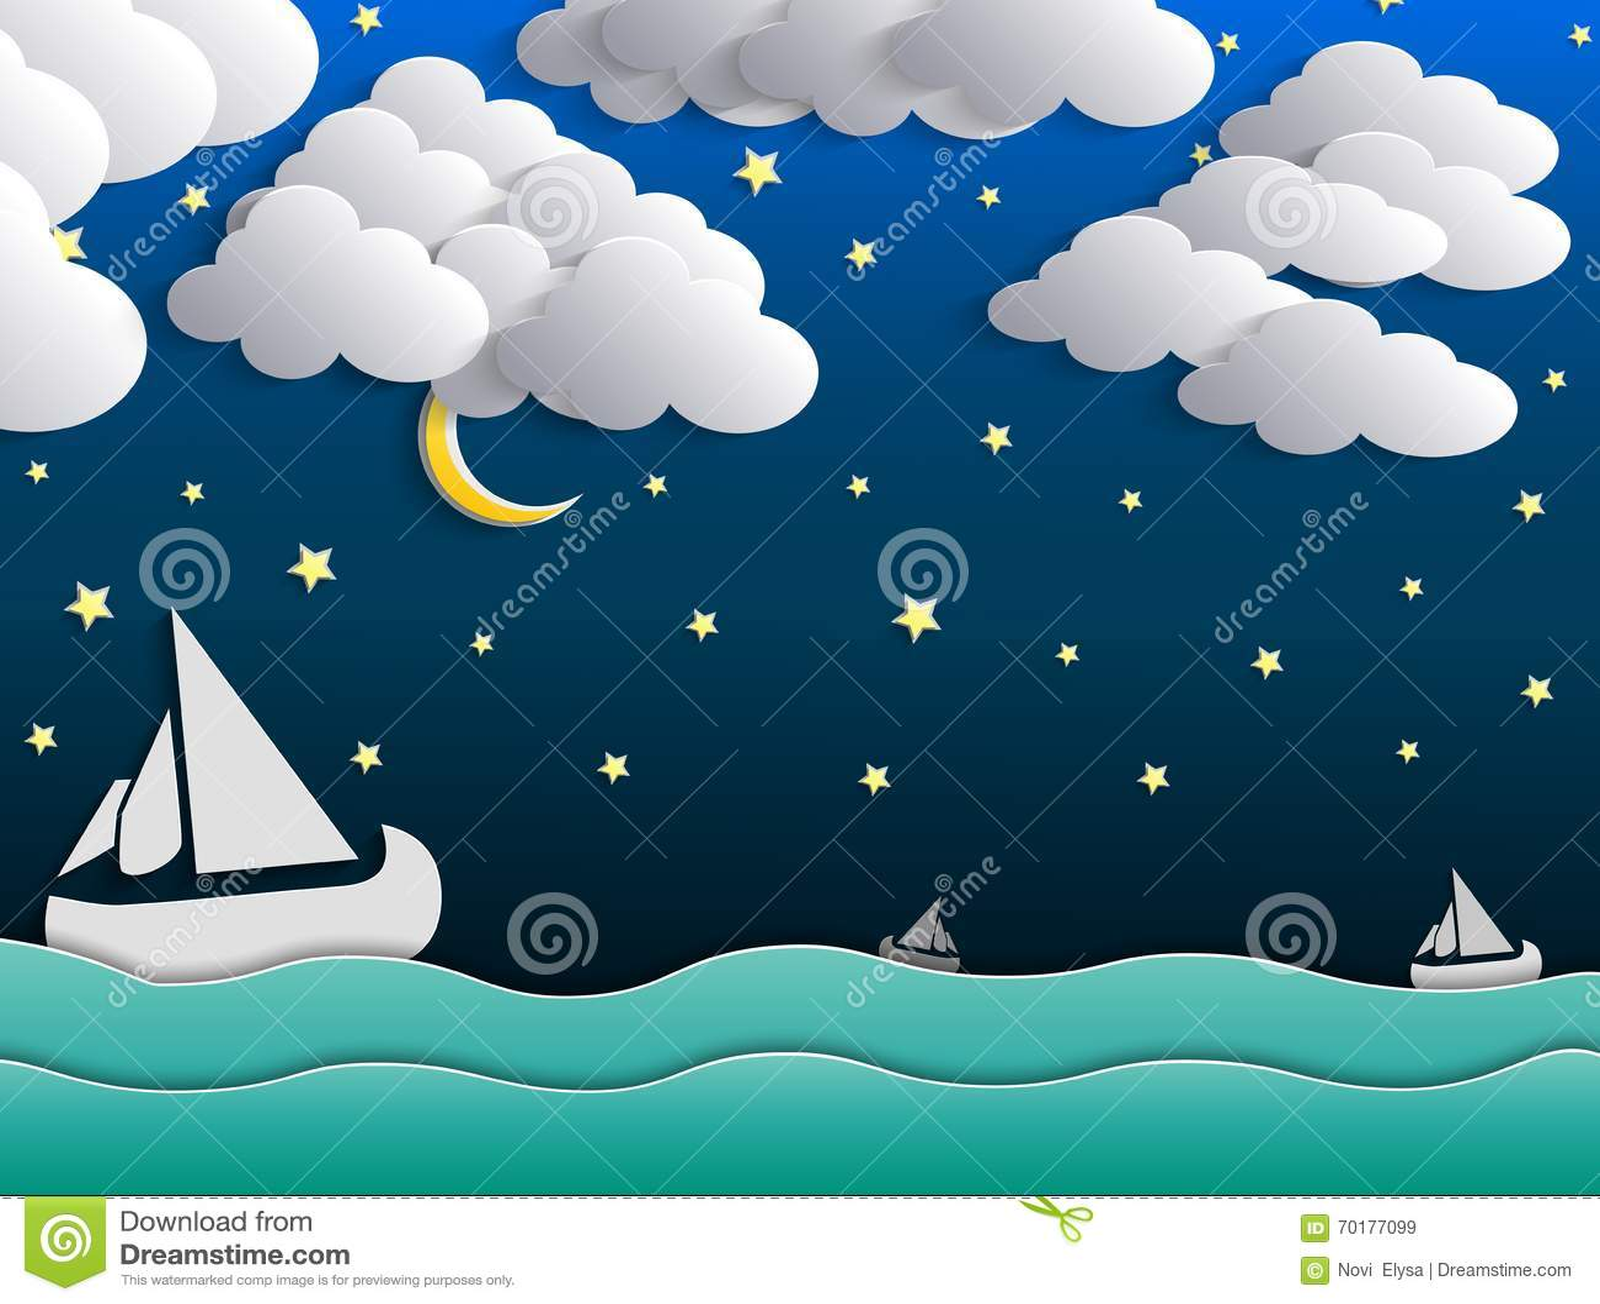 Fondo, Luna, Nubes Y Estrellas De La Noche En El Cielo